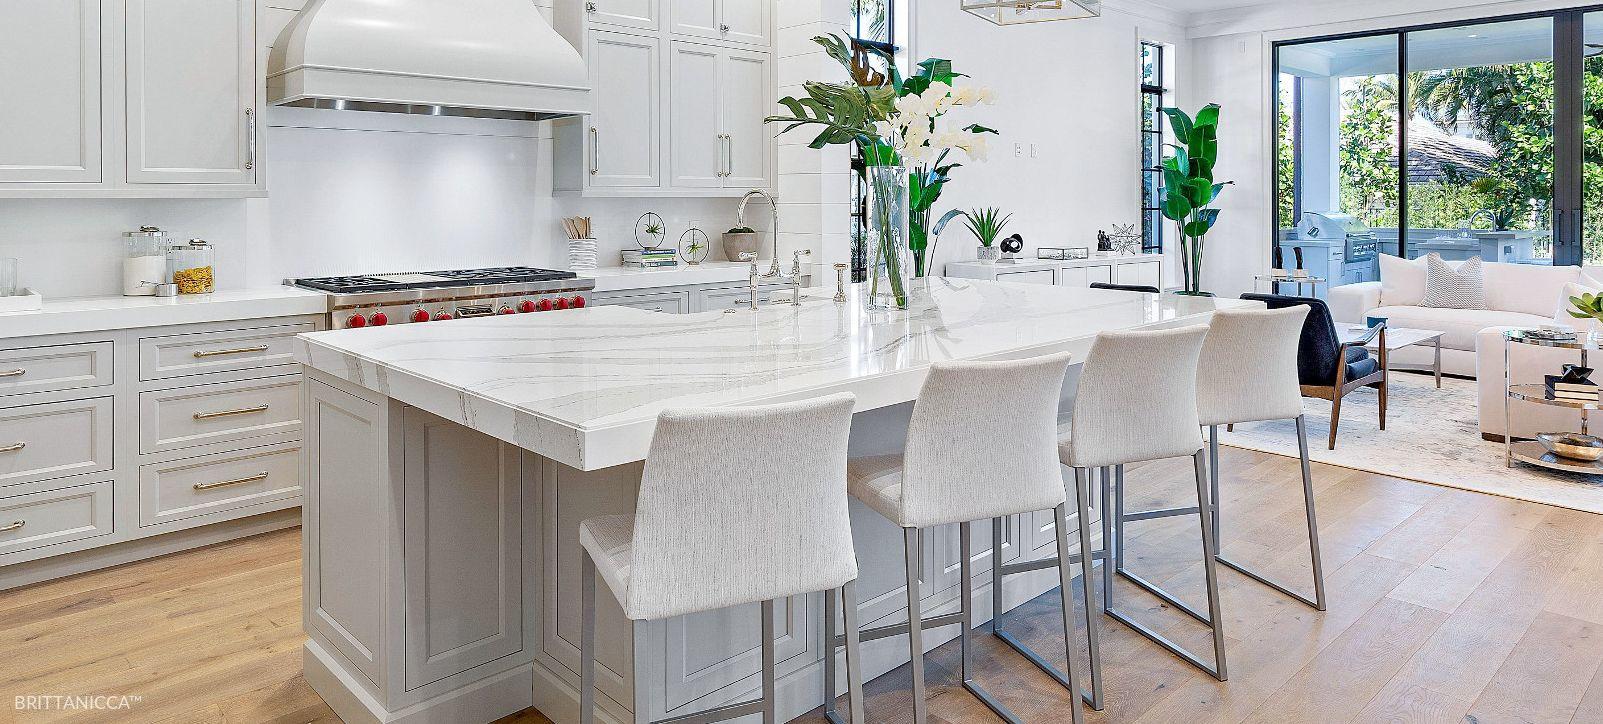 Cambria-Quartz-Countertop-Brittanicca-kitchen